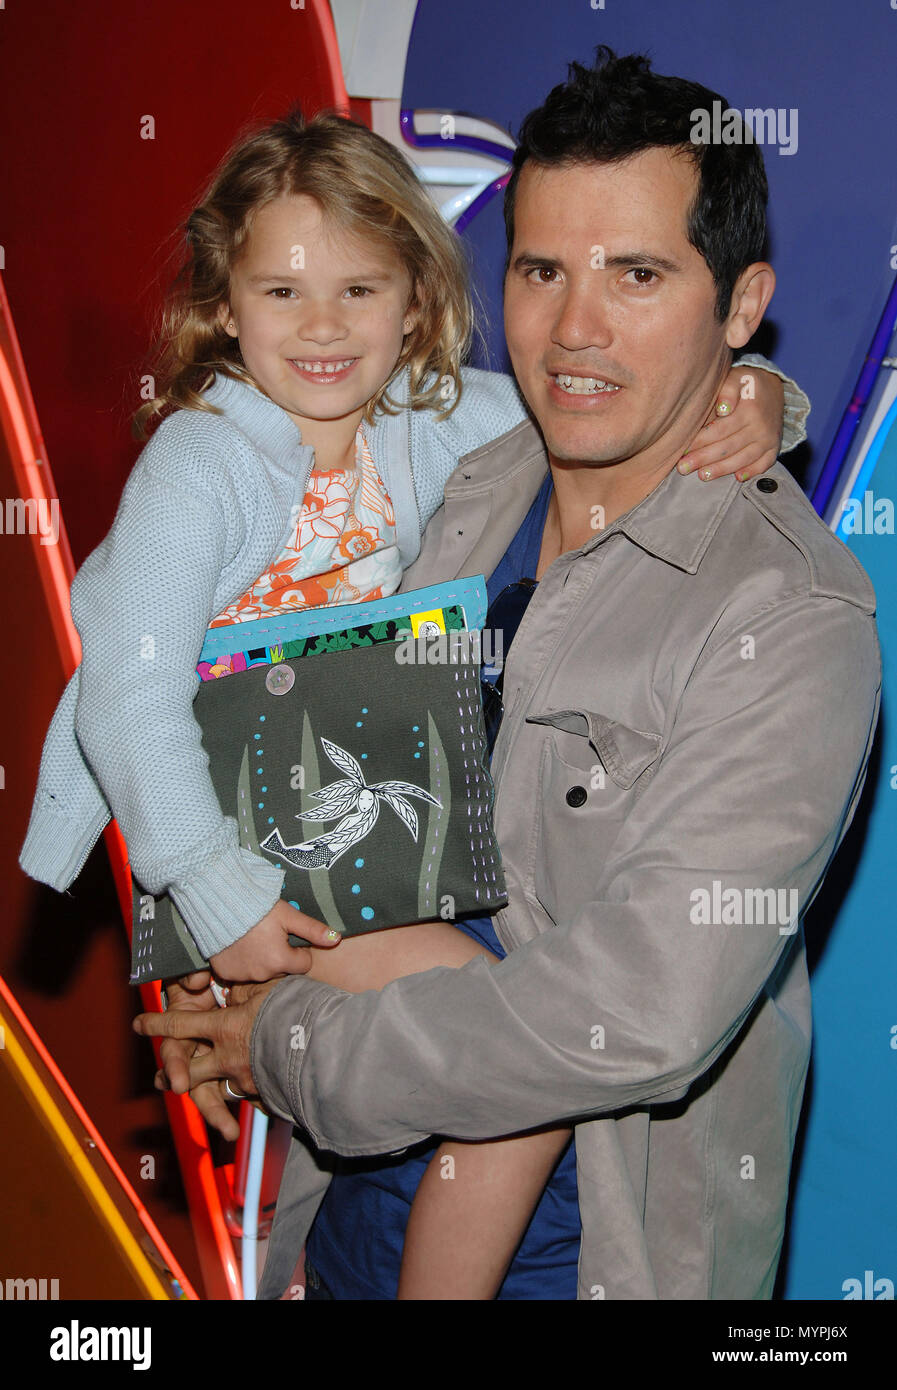 John Leguizamo And Wife Stock Photos & John Leguizamo And Wife Stock ...